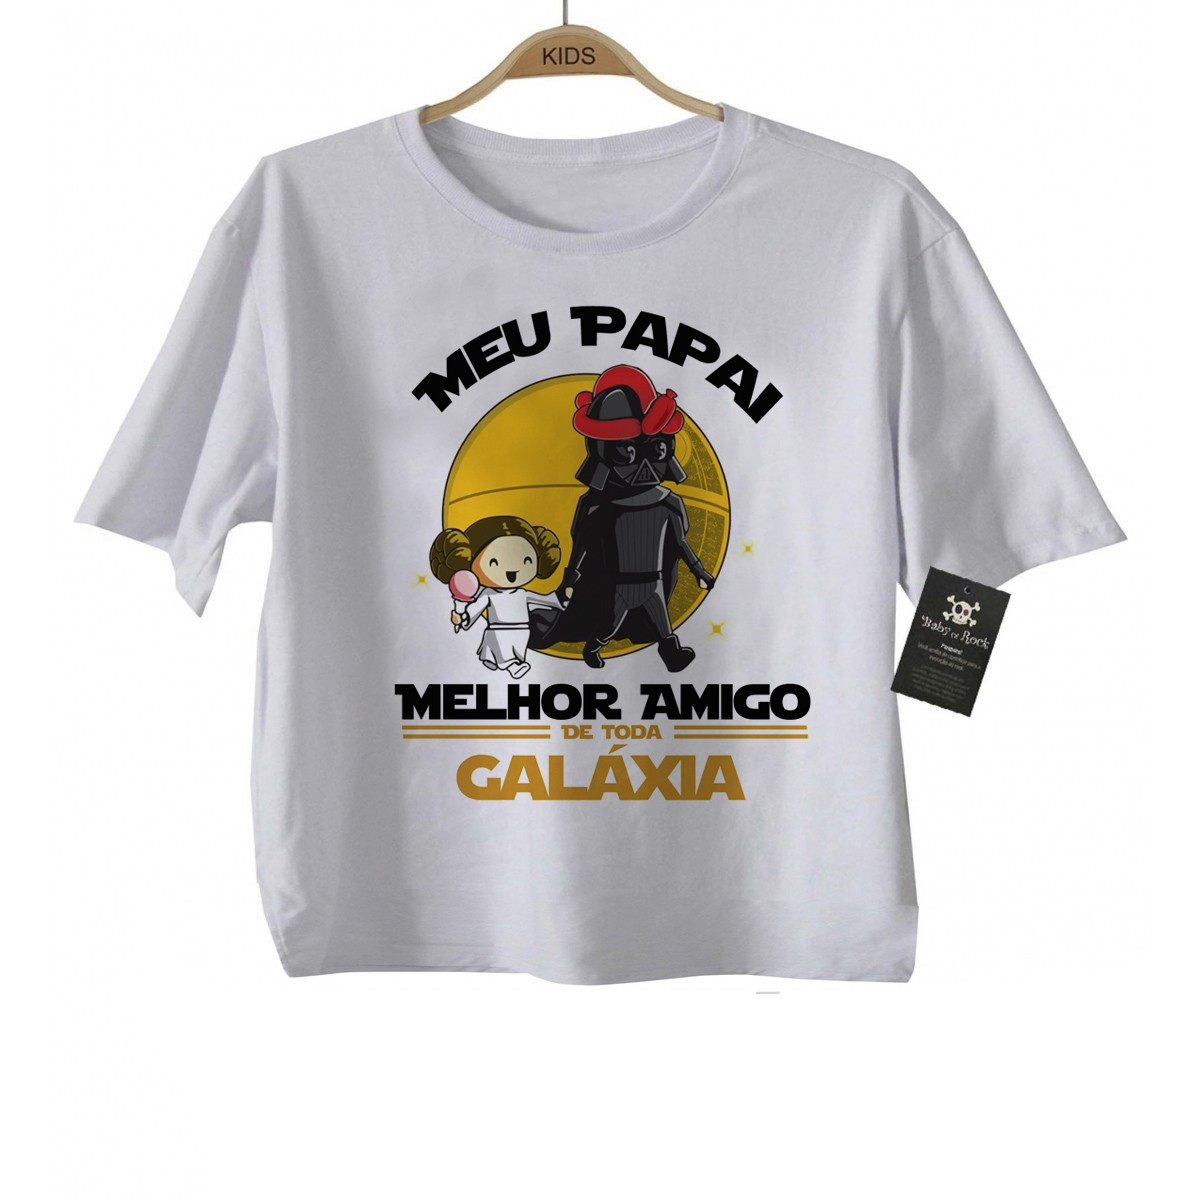 Camiseta Infantil Papai Melhor amigo da Galáxia (Menina)  - Baby Monster S/A